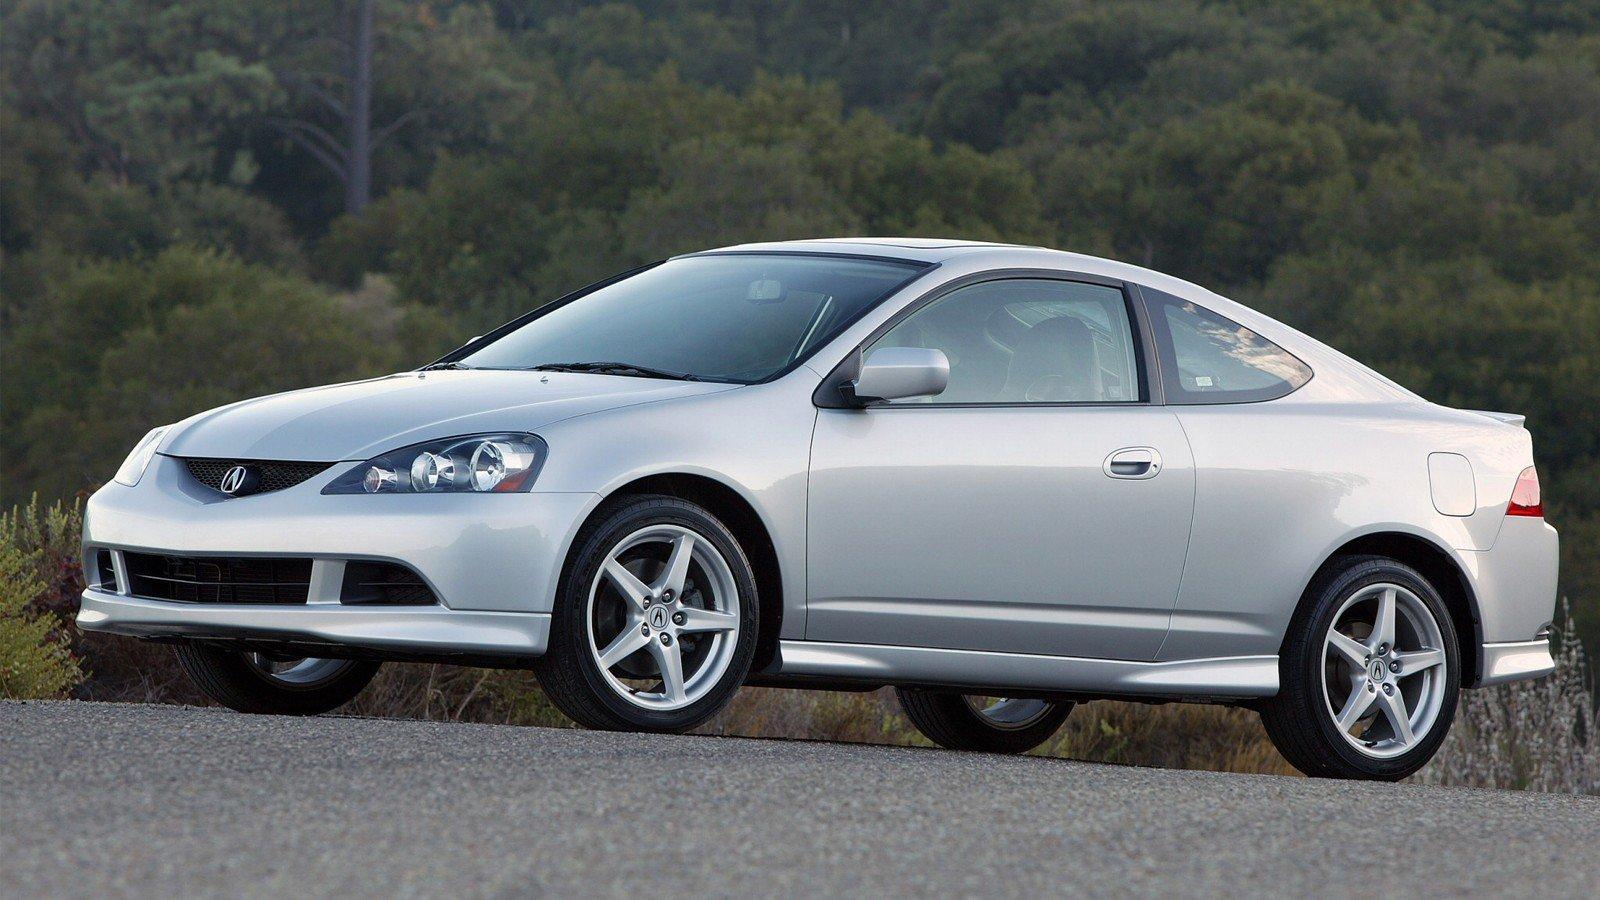 Acura Integra предыдущего поколения